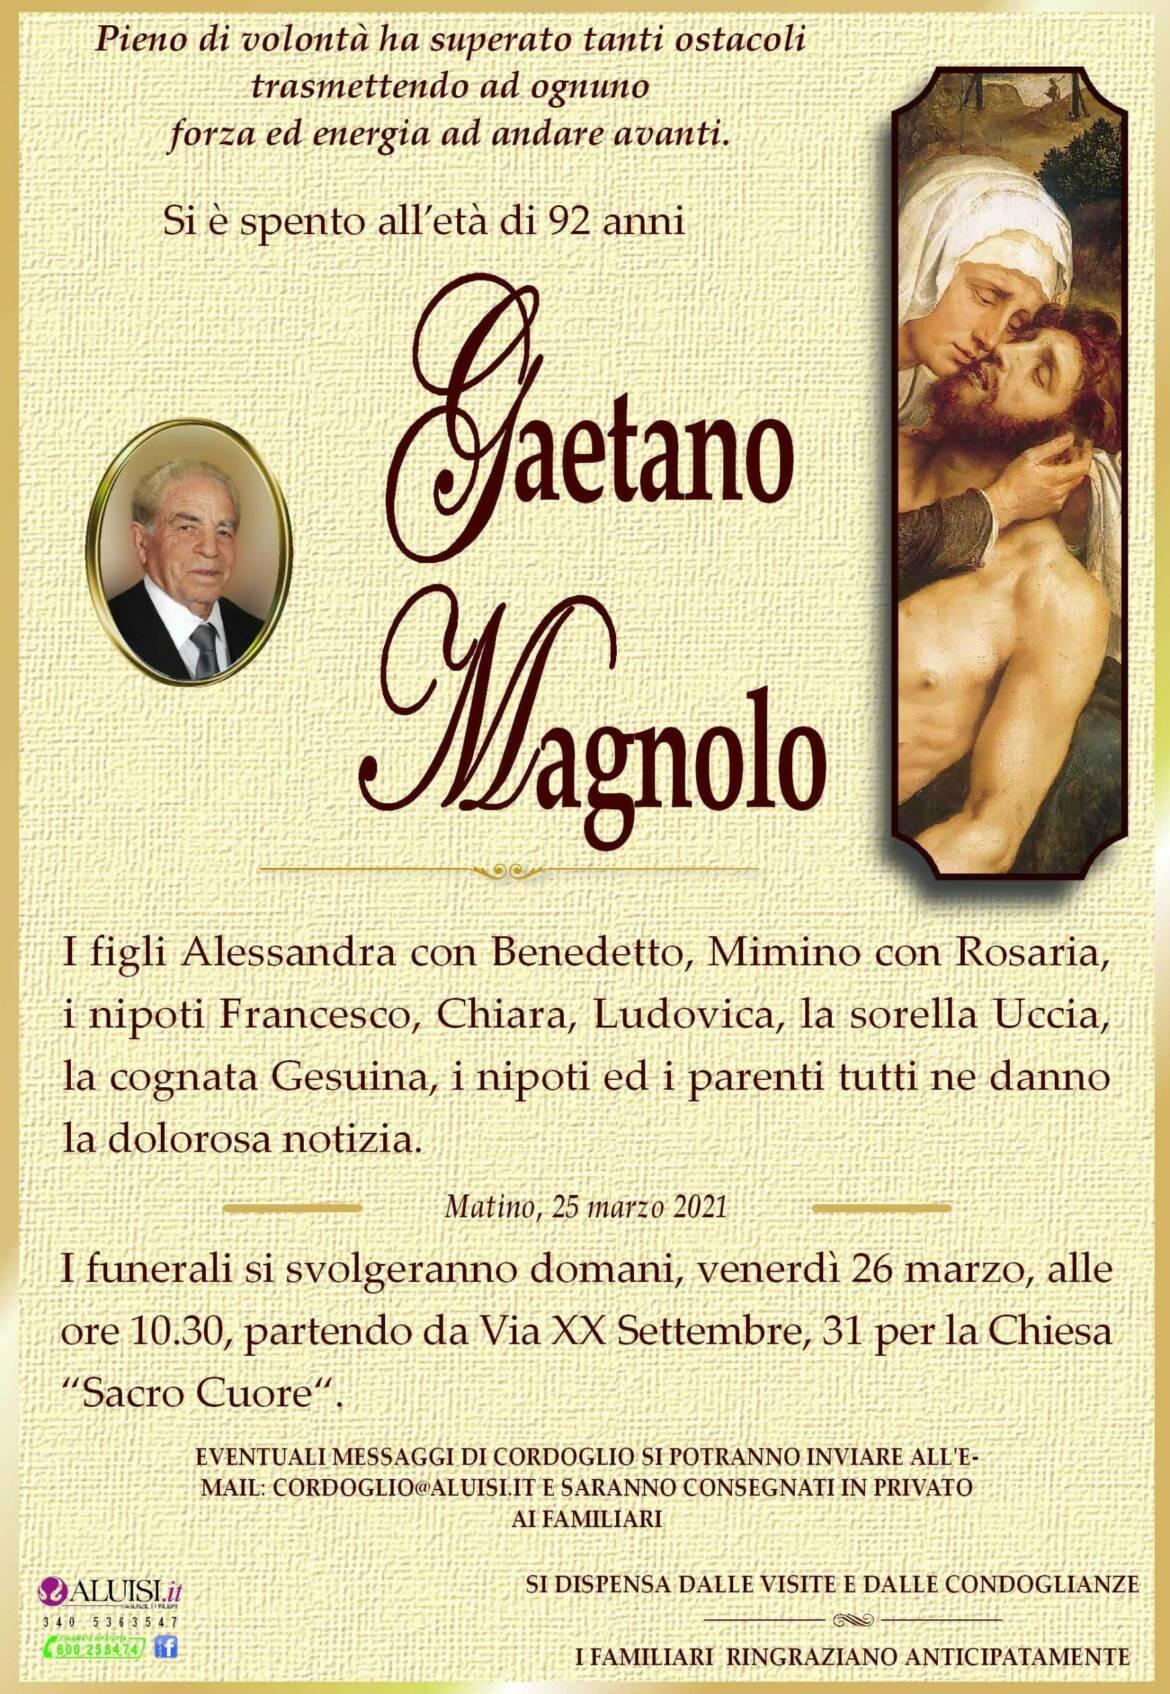 Annuncio-gaetano-magnolo-matino-scaled.jpg